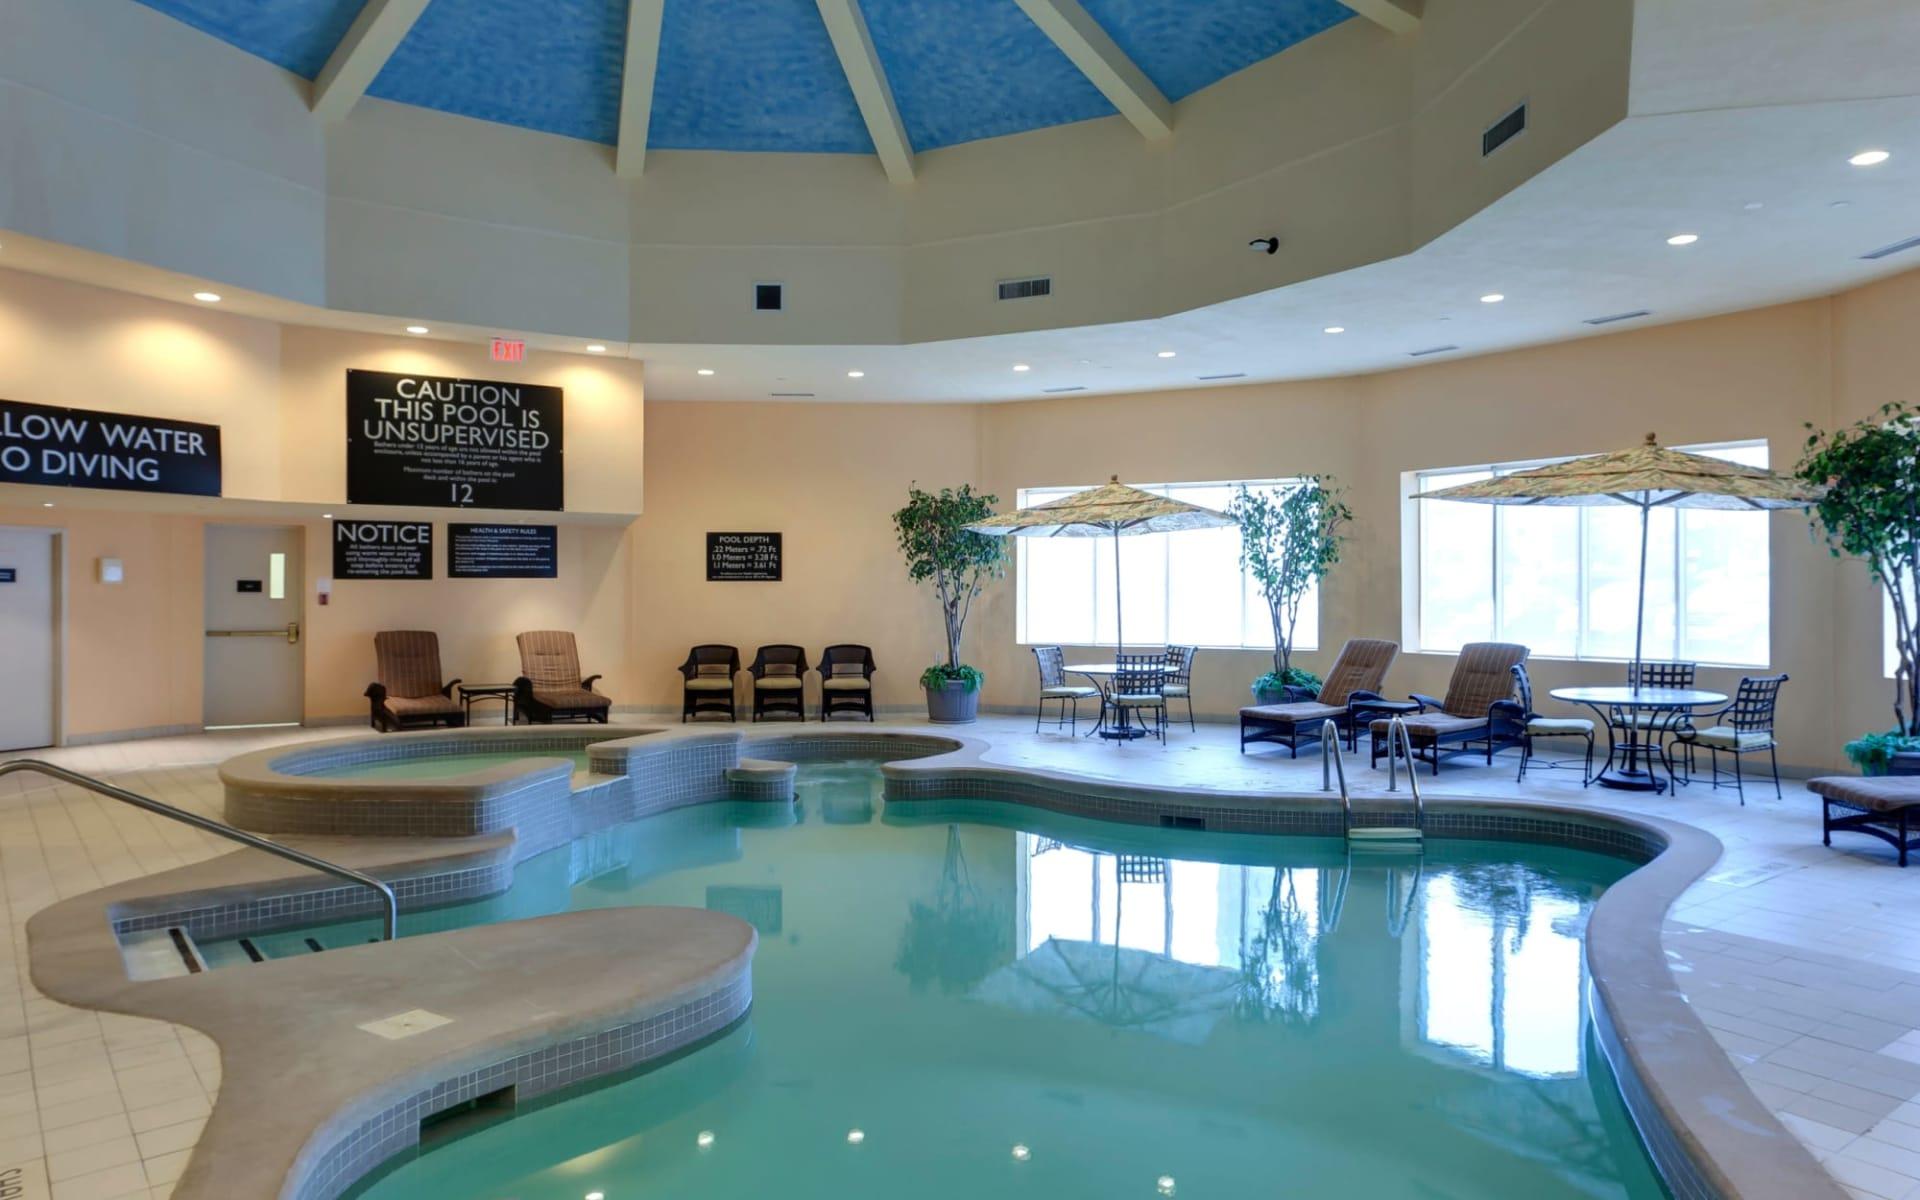 Radisson Hotel & Suites Fallsview in Niagara Falls: facilities_Radisson Hotel & Suites Fallsview_Pool